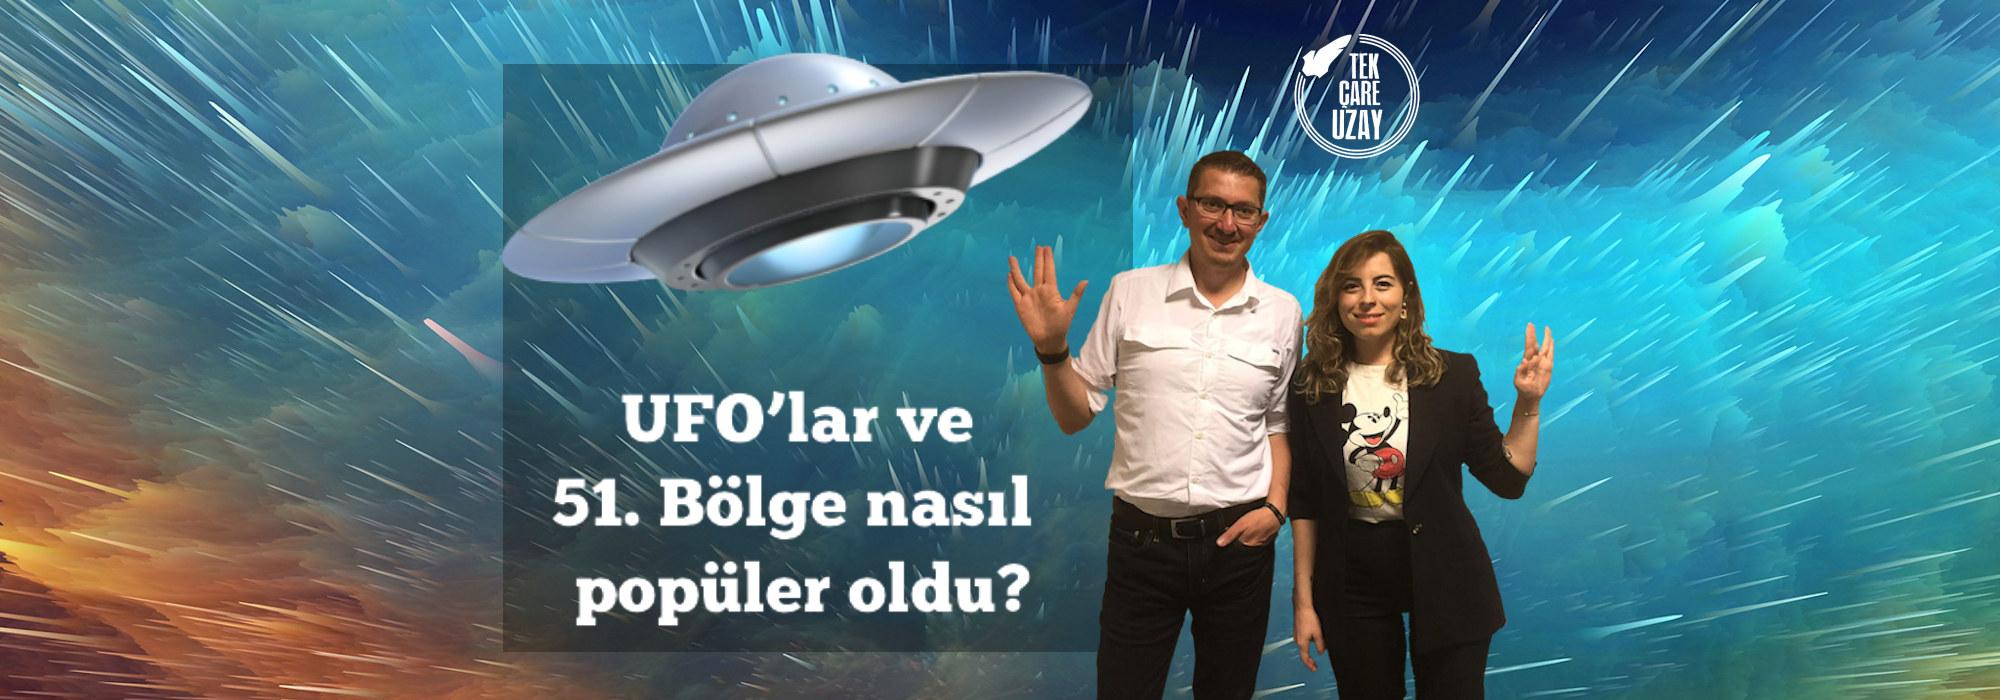 Tek Çare Uzay | UFO Kavramı, 51. Bölge, Bennu'da Fışkırma, Mars Numune, SPHEREx